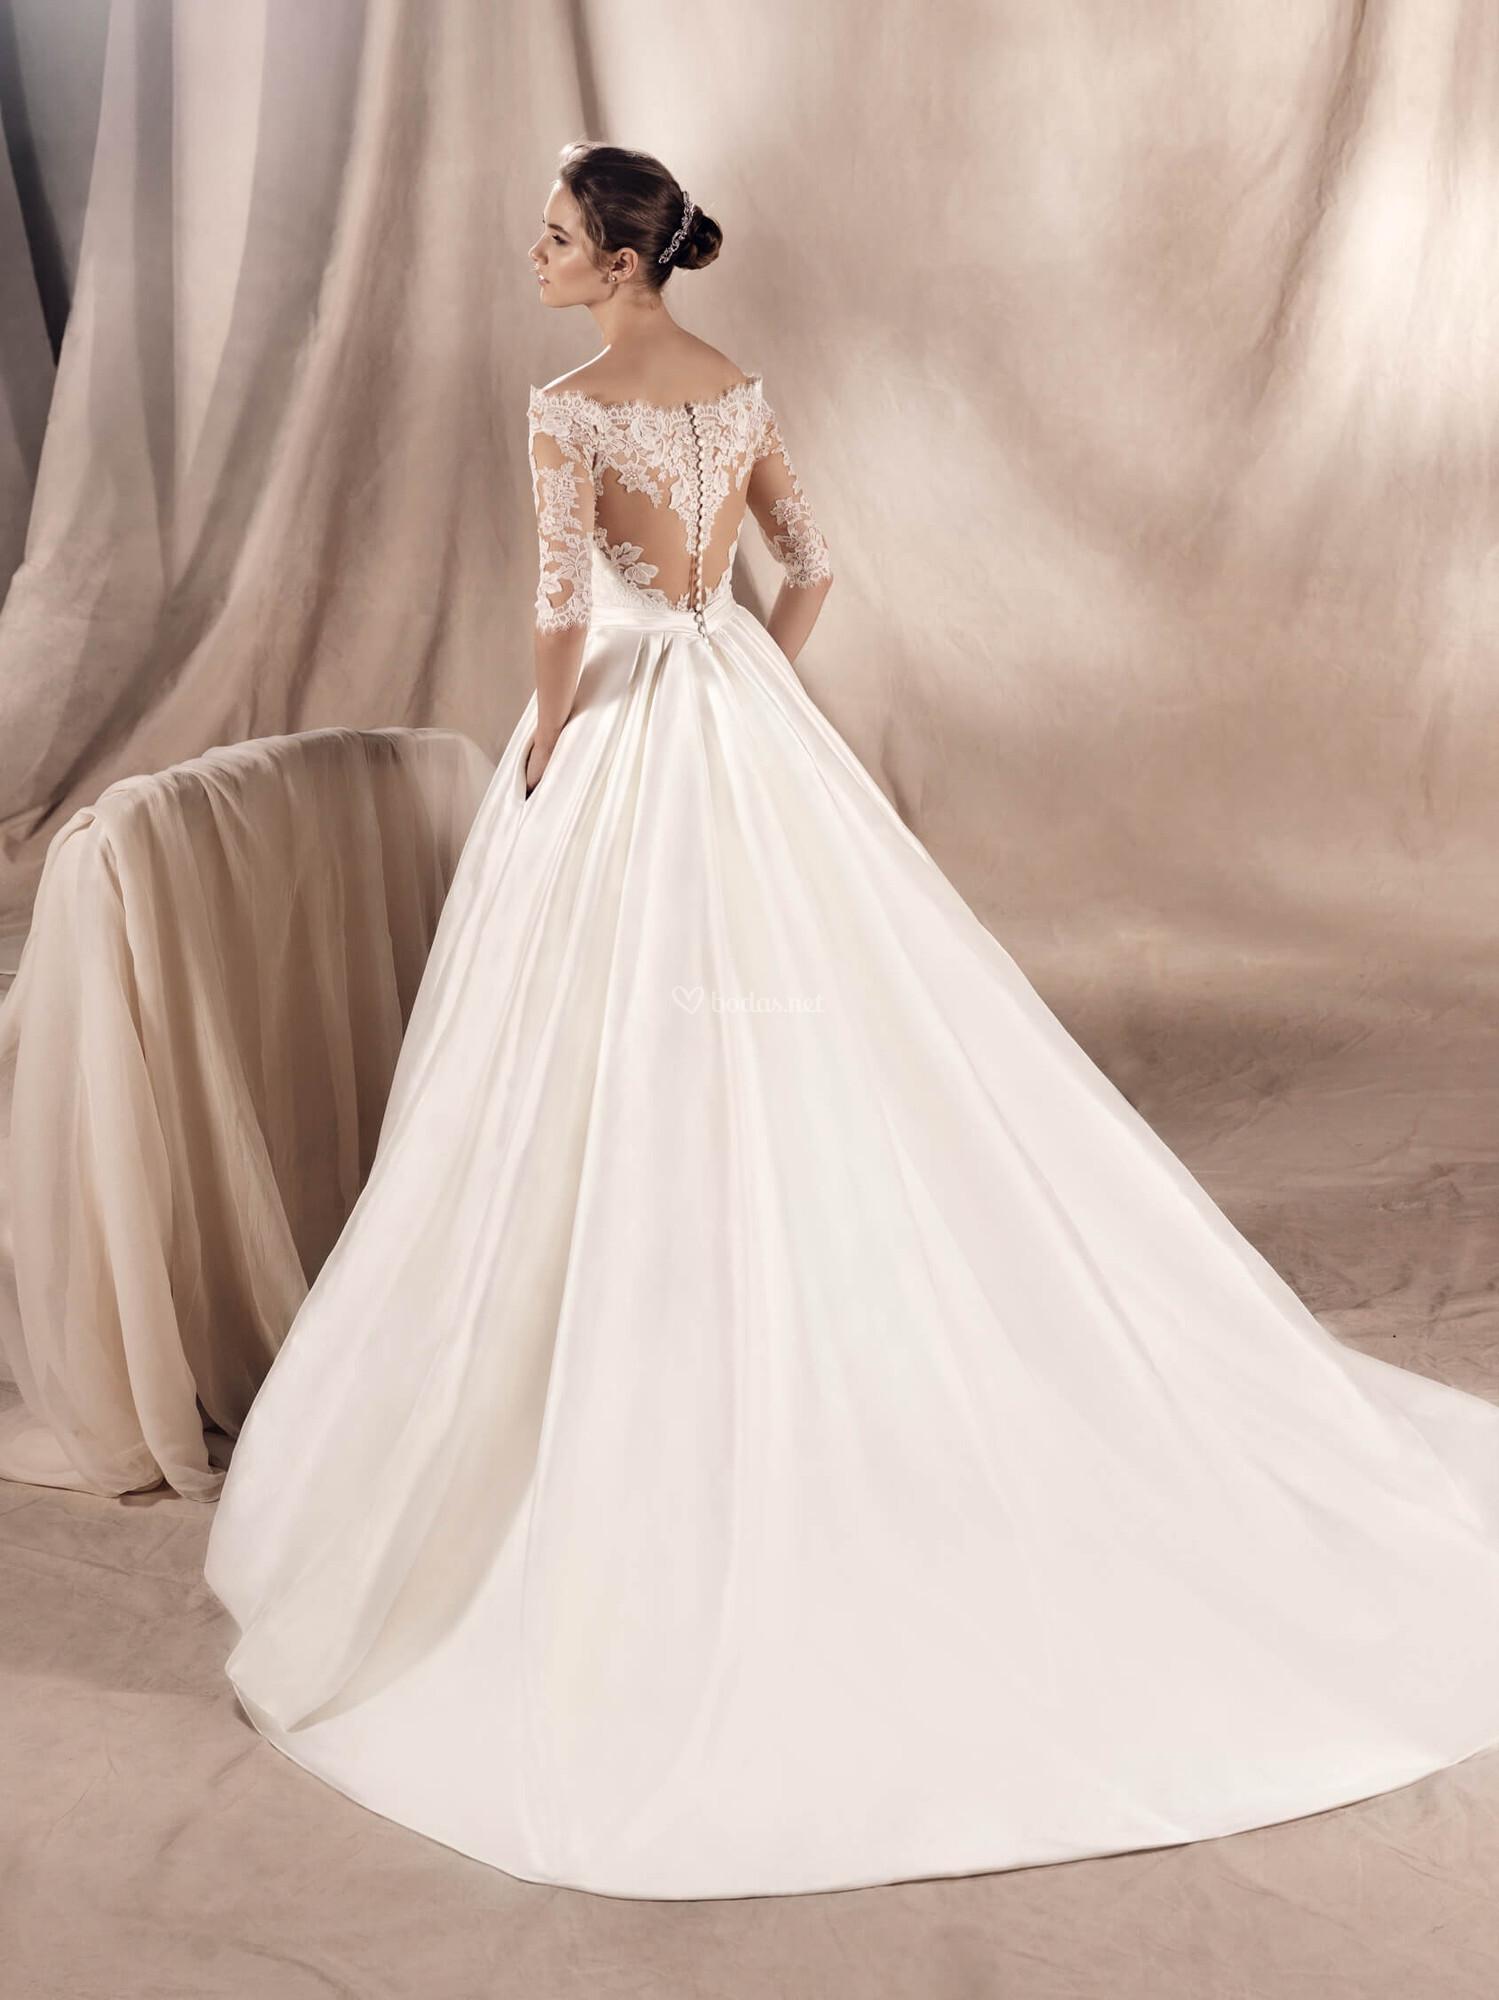 ccea938adb Vestido de Novia de White One - YAIZA